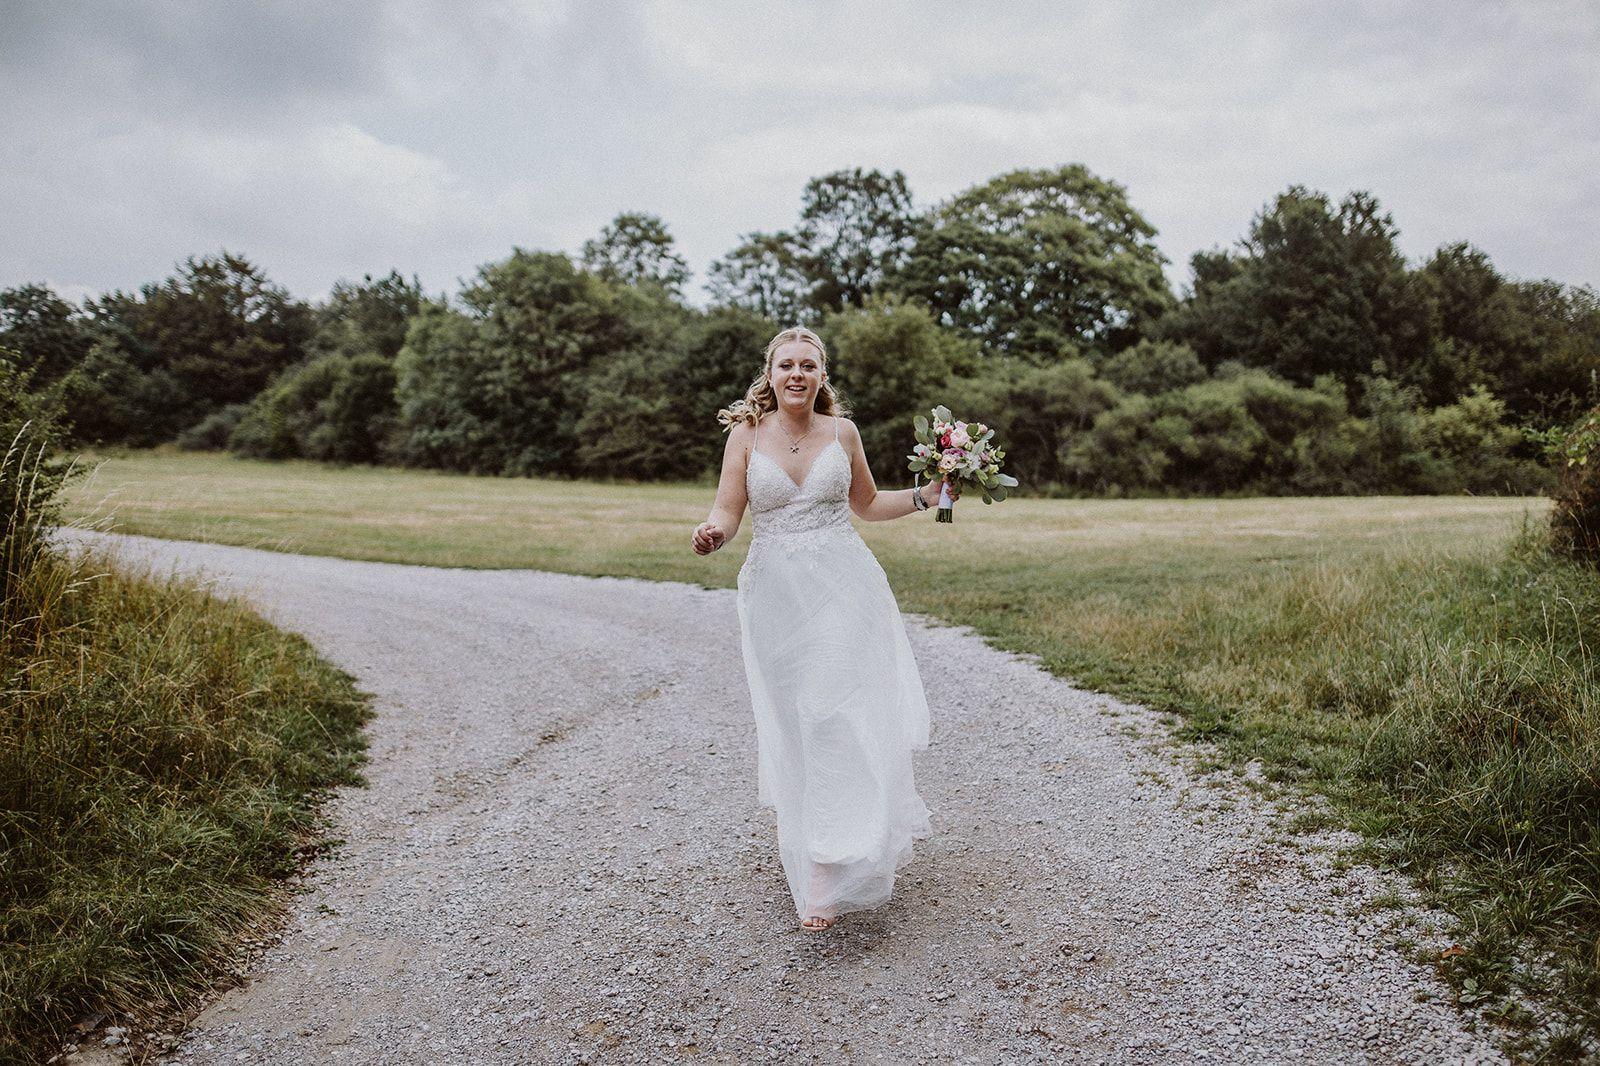 Brautportrait Hochzeitsfeier Im Zelt Standesamtliche Trauung Hochzeitsfeier